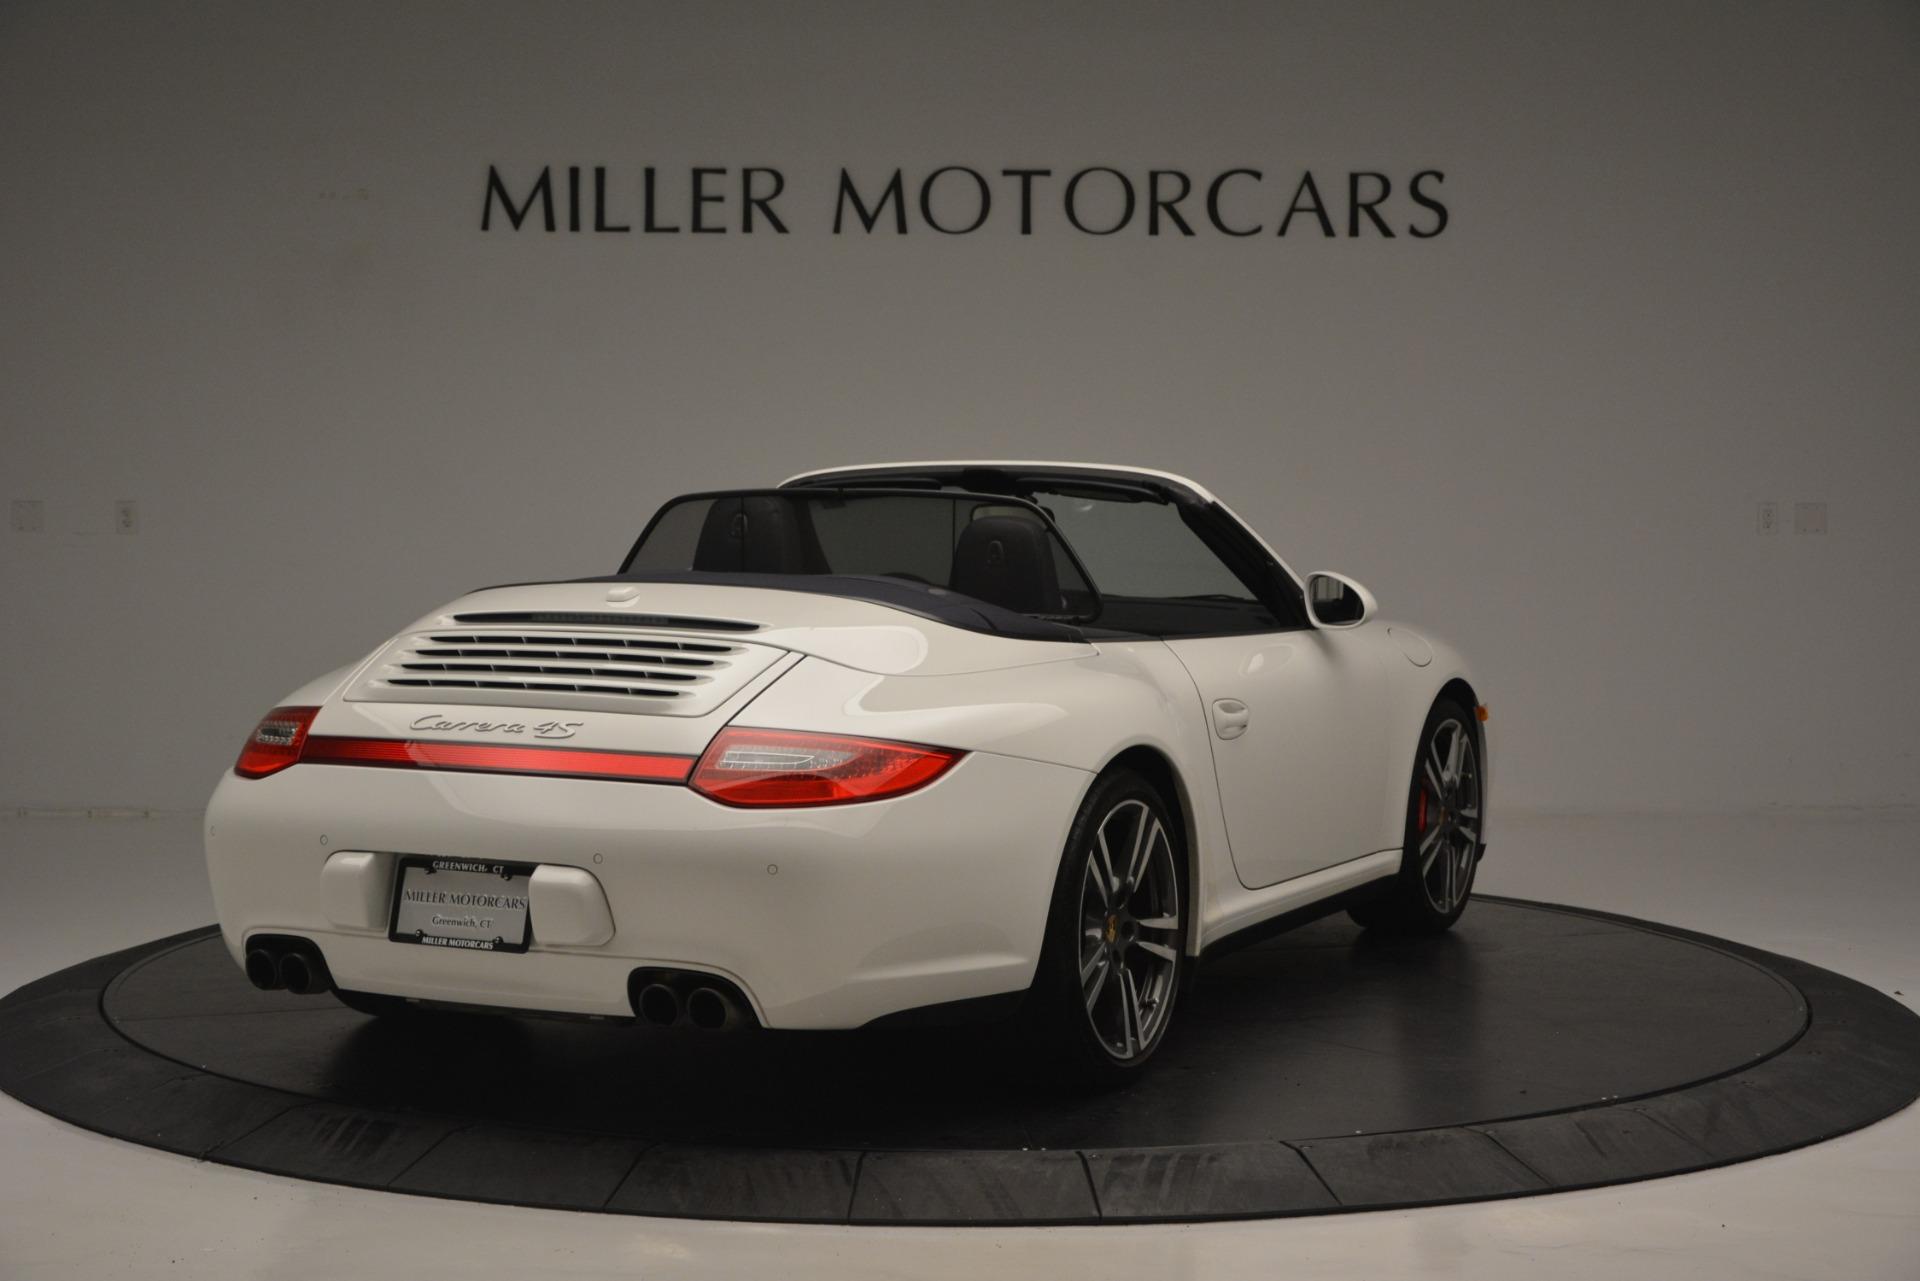 Used 2011 Porsche 911 Carrera 4S For Sale In Westport, CT 2600_p8